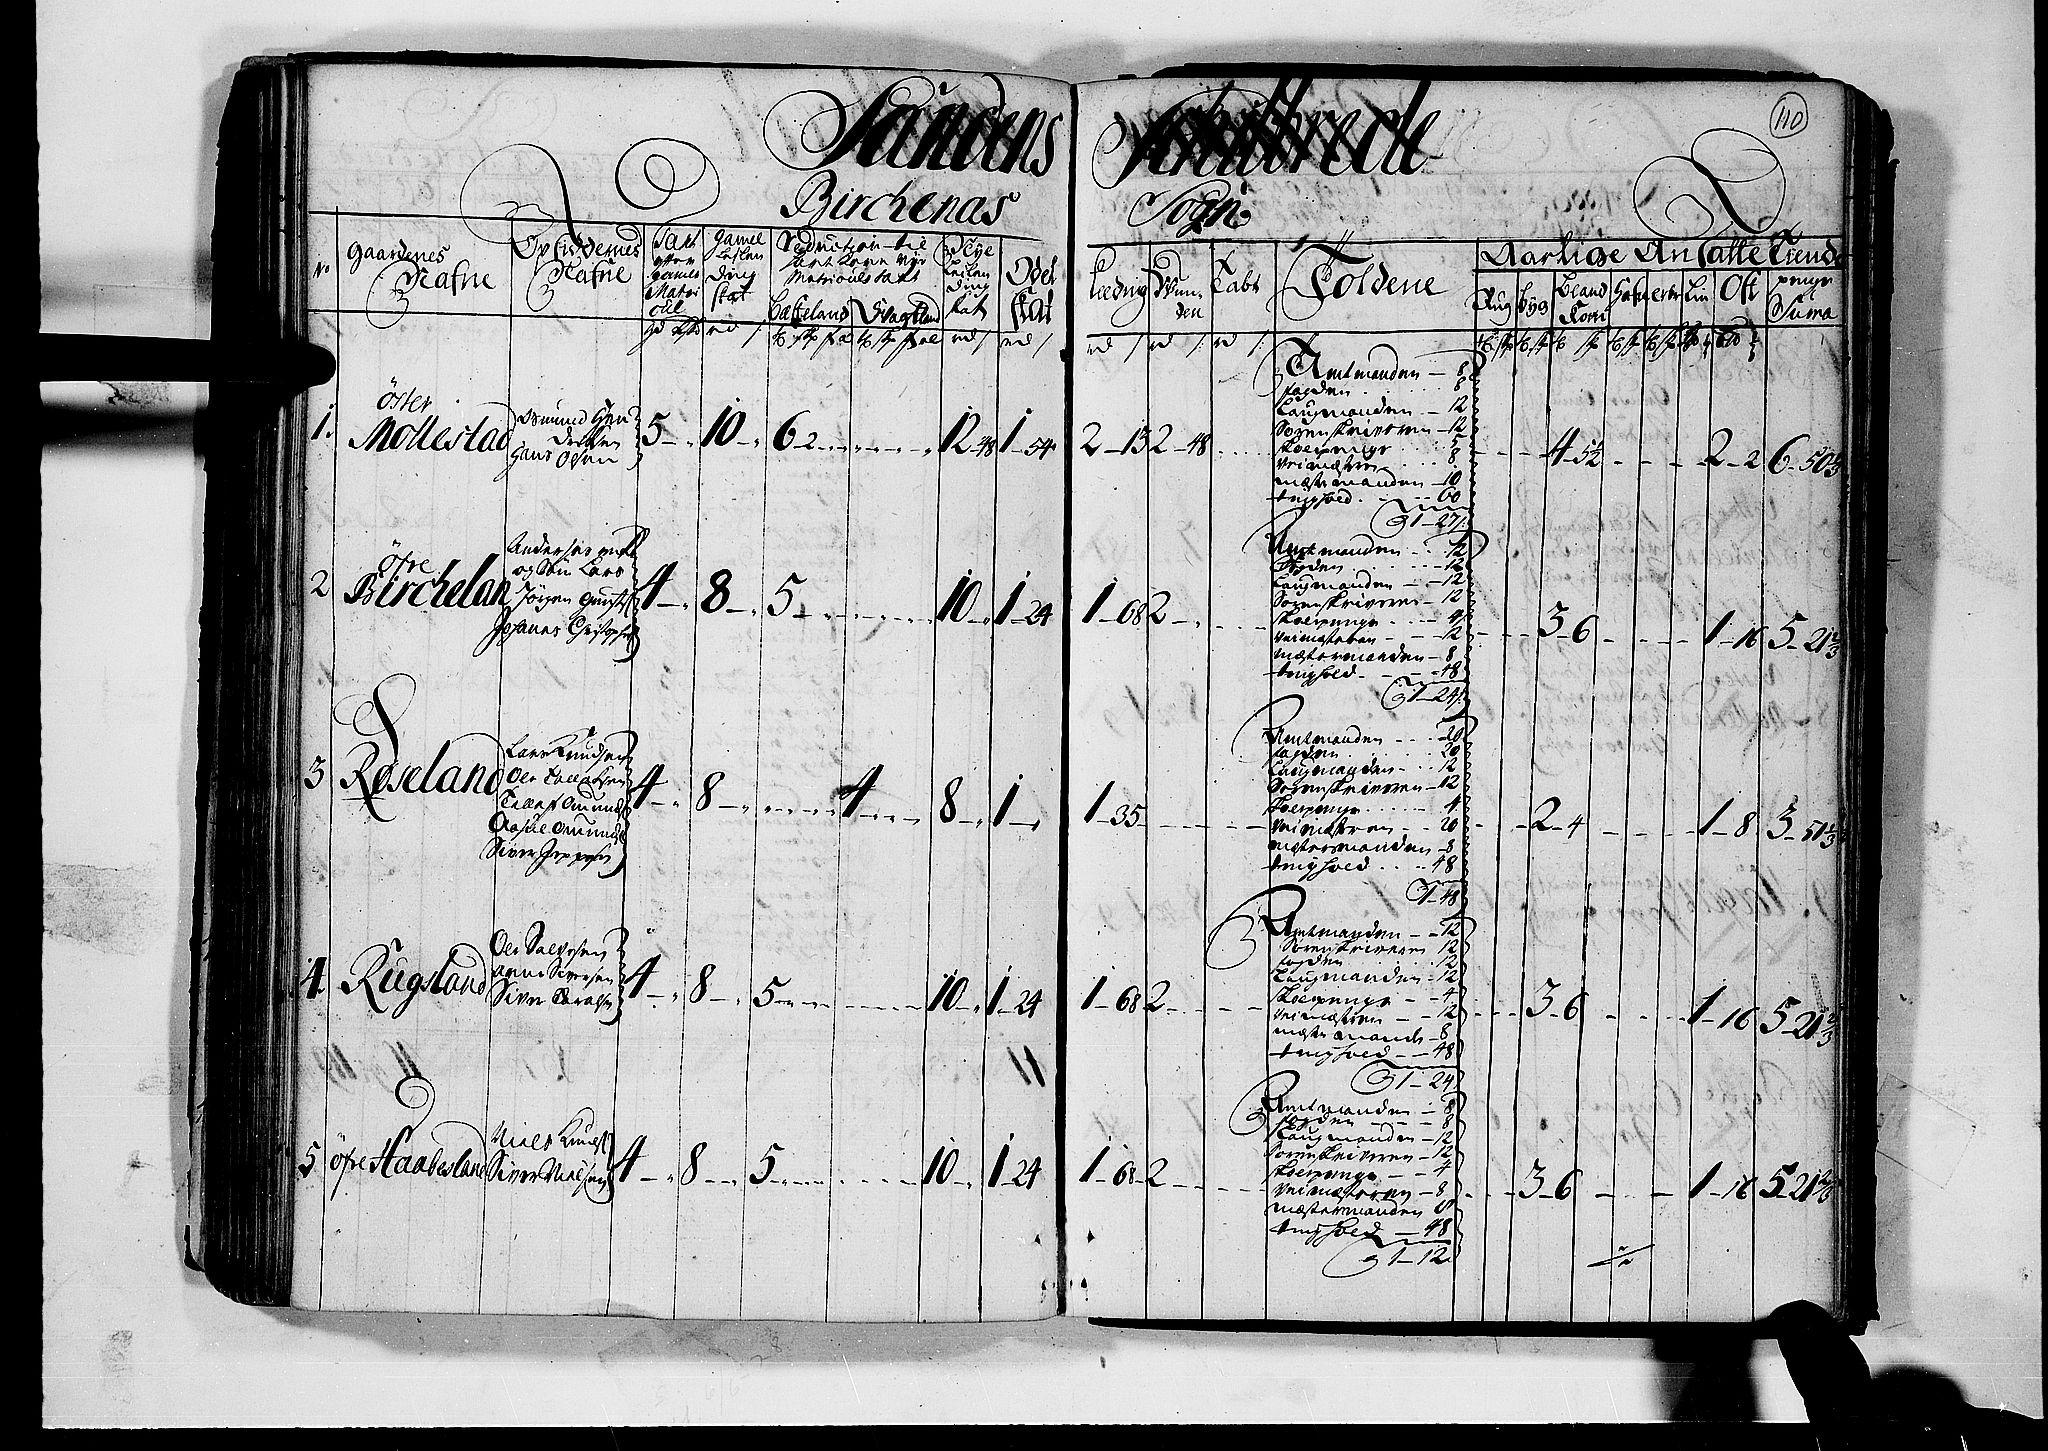 RA, Rentekammeret inntil 1814, Realistisk ordnet avdeling, N/Nb/Nbf/L0124: Nedenes matrikkelprotokoll, 1723, s. 109b-110a